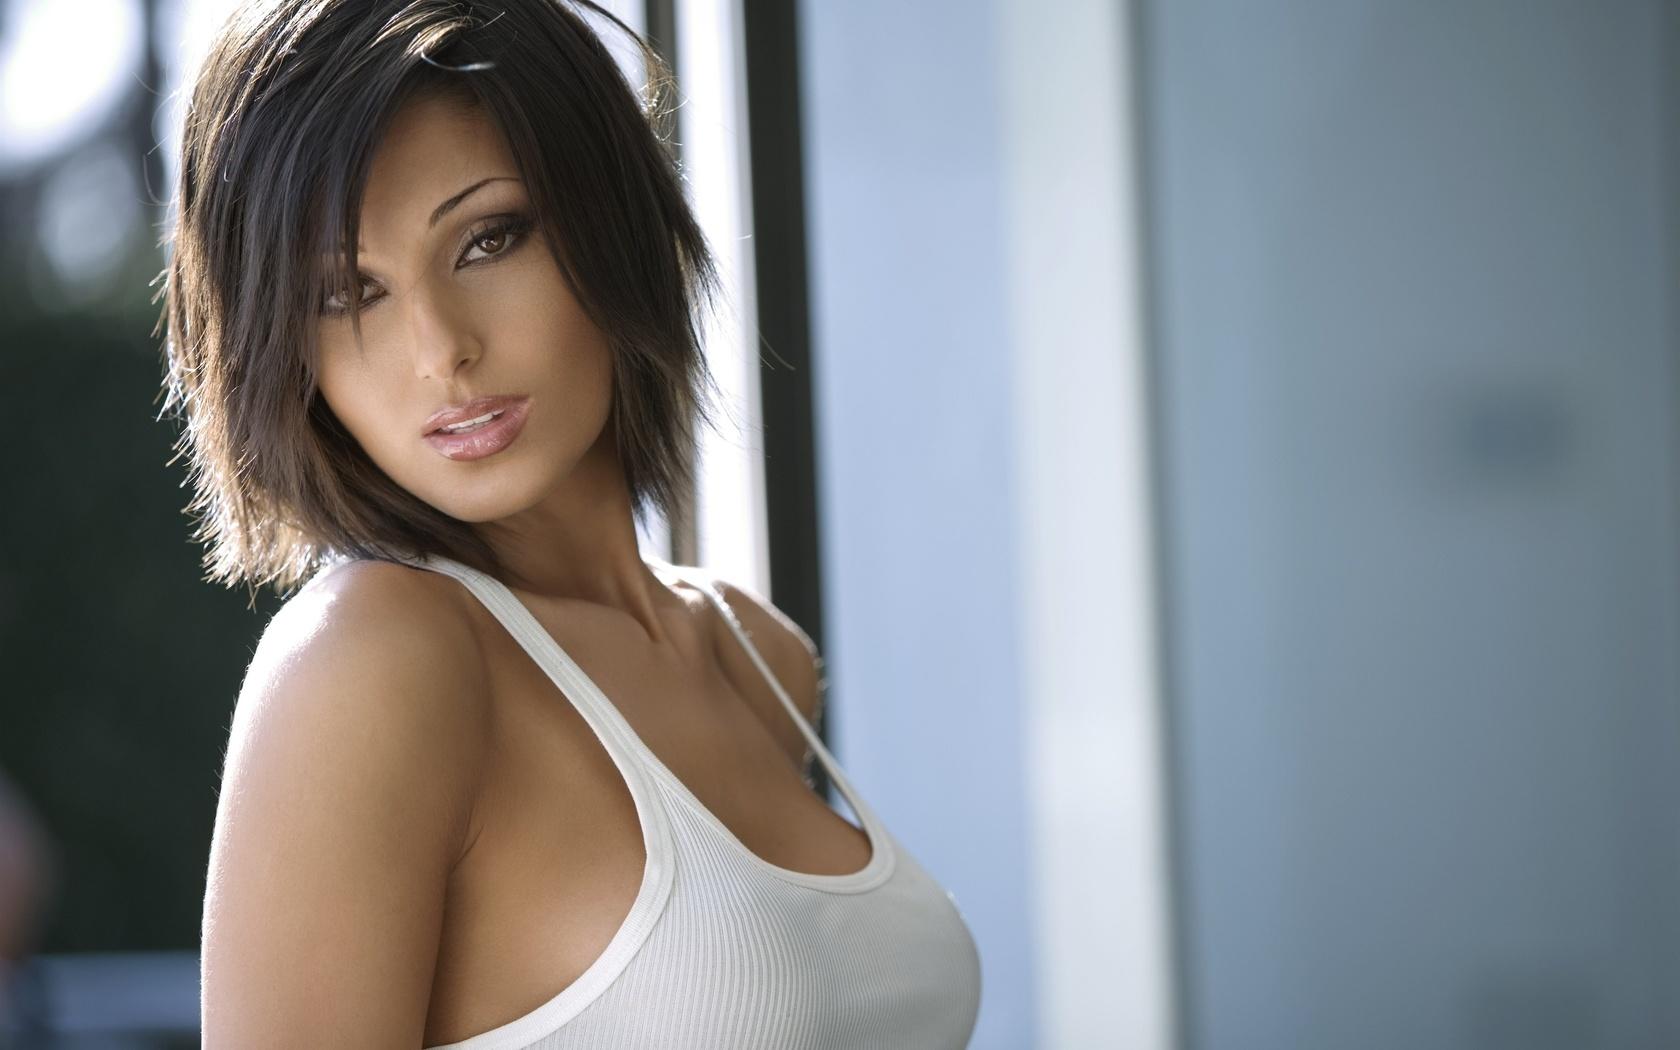 Фото самых красивых грудей девушек, Девушки с очень красивой грудью (45 фото) 25 фотография